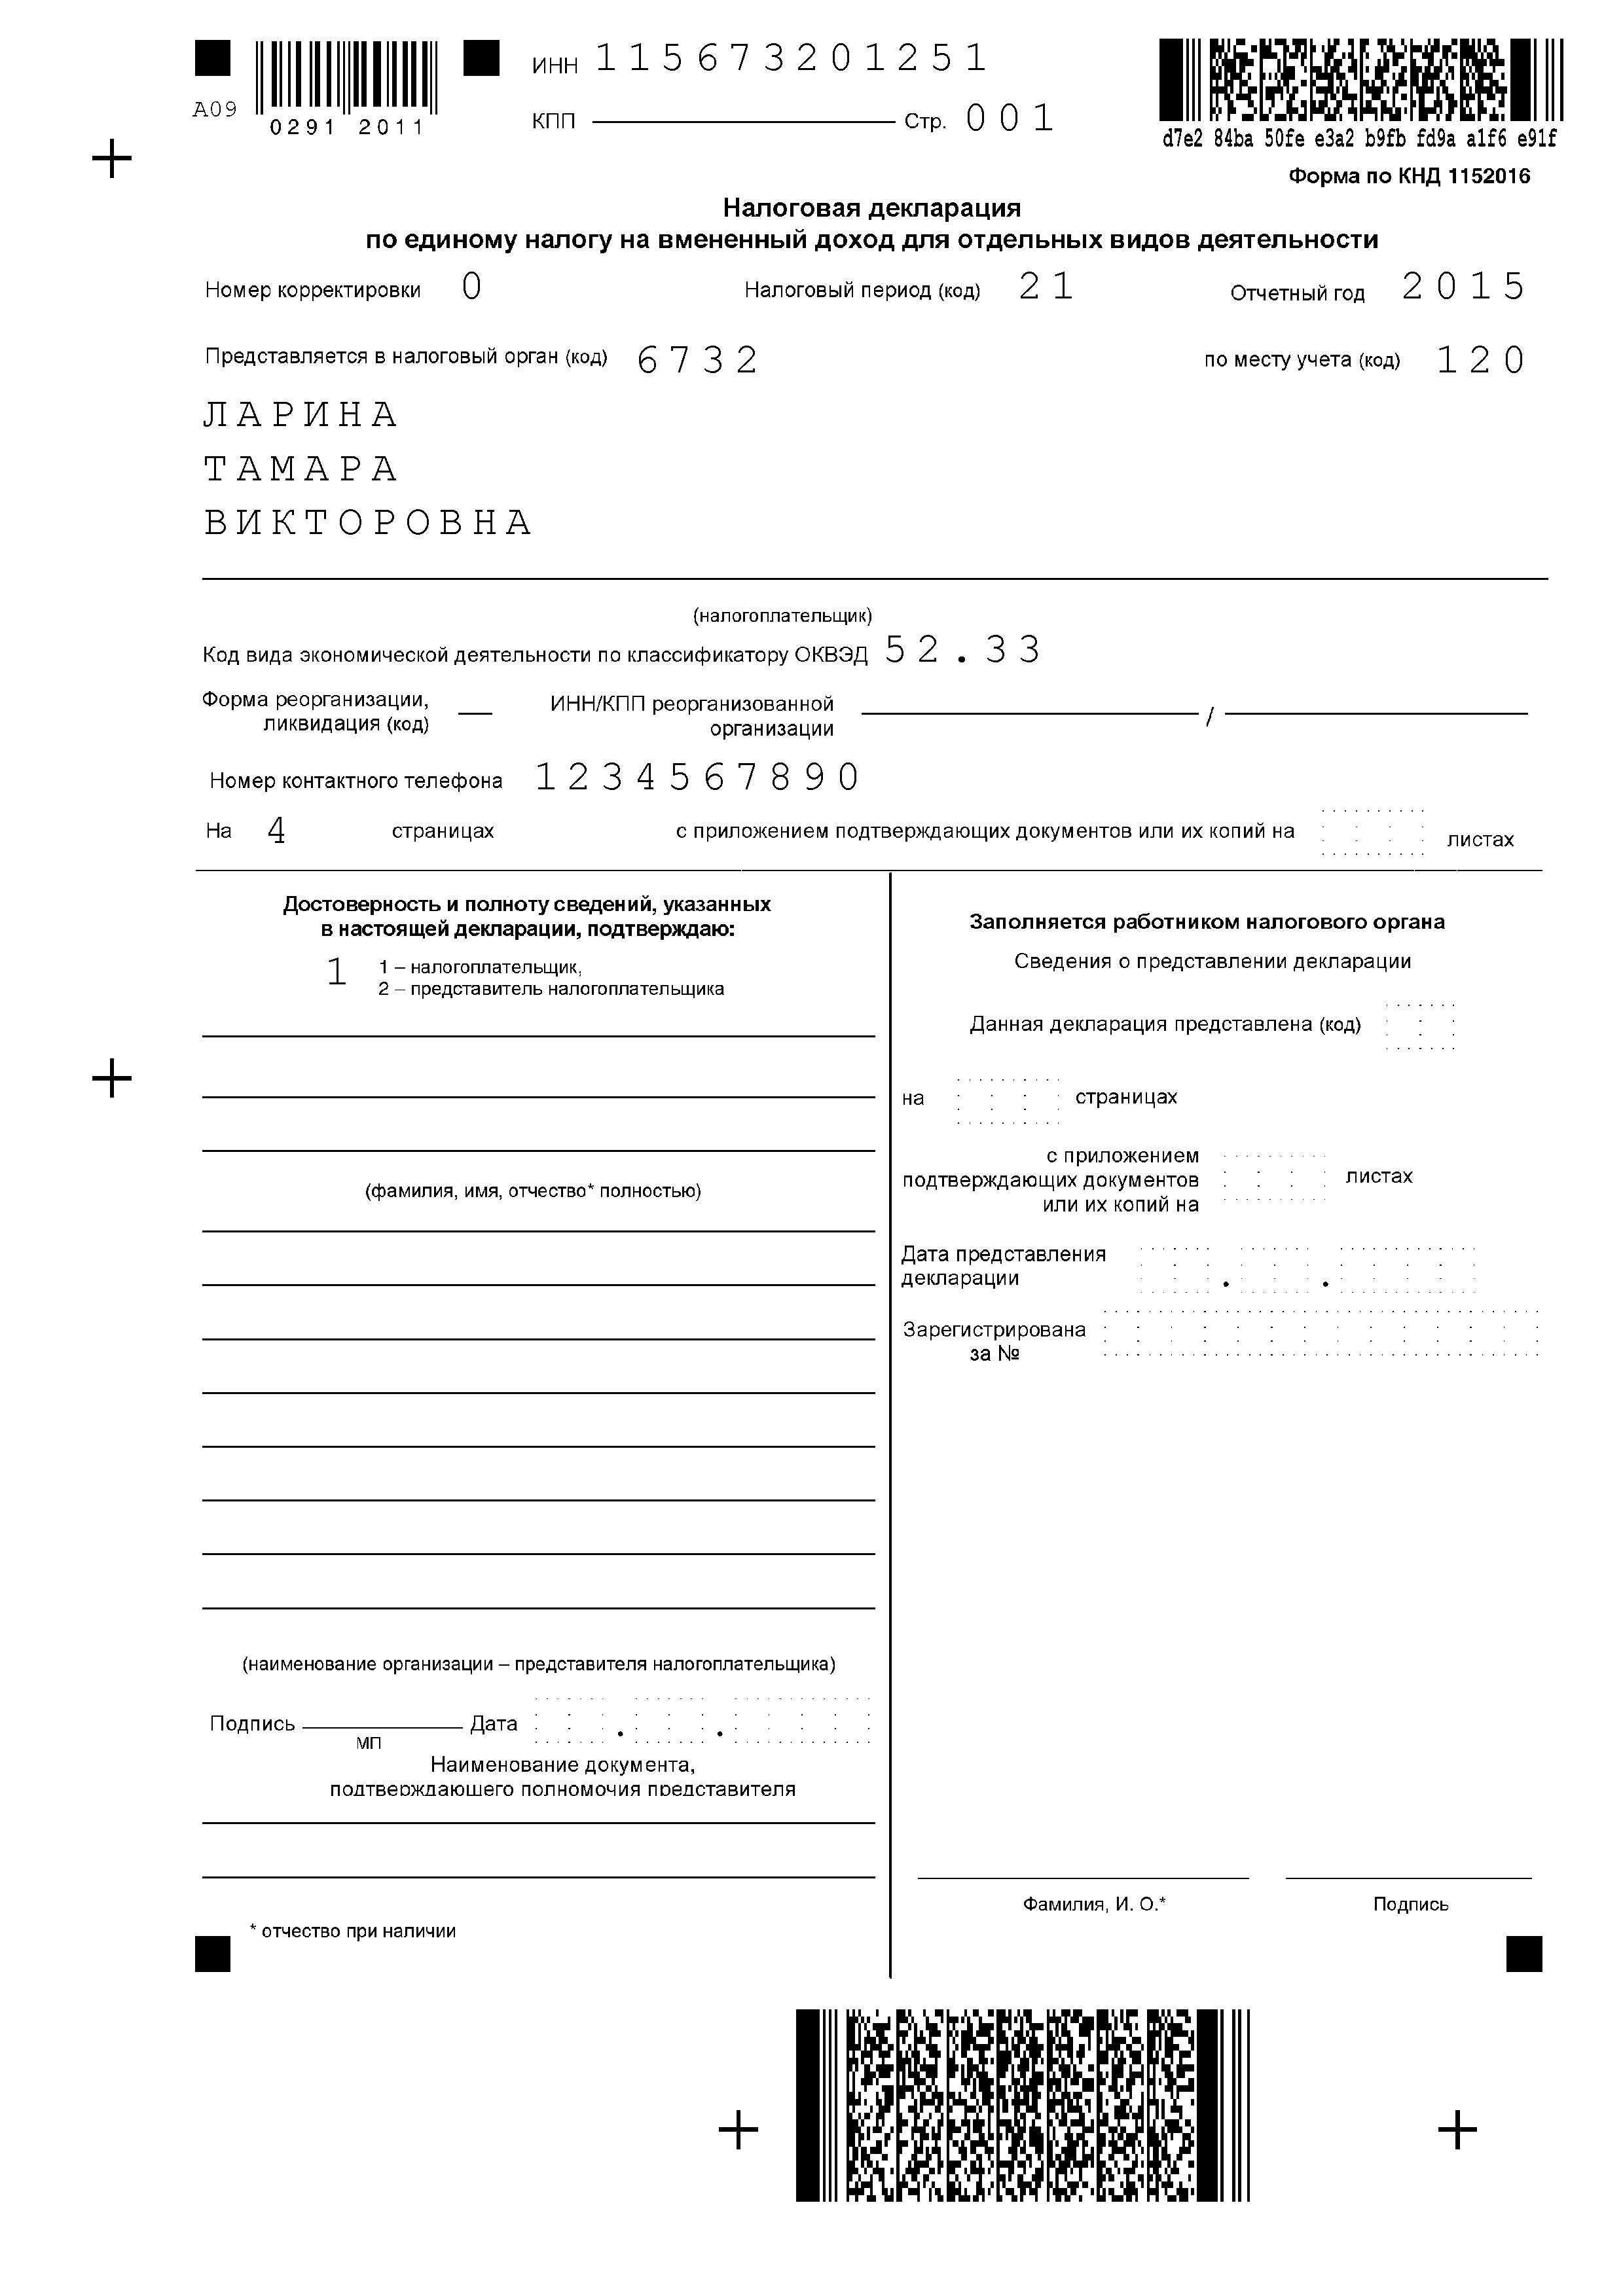 Рисунок1 Декларация ЕНВД пример заполнения